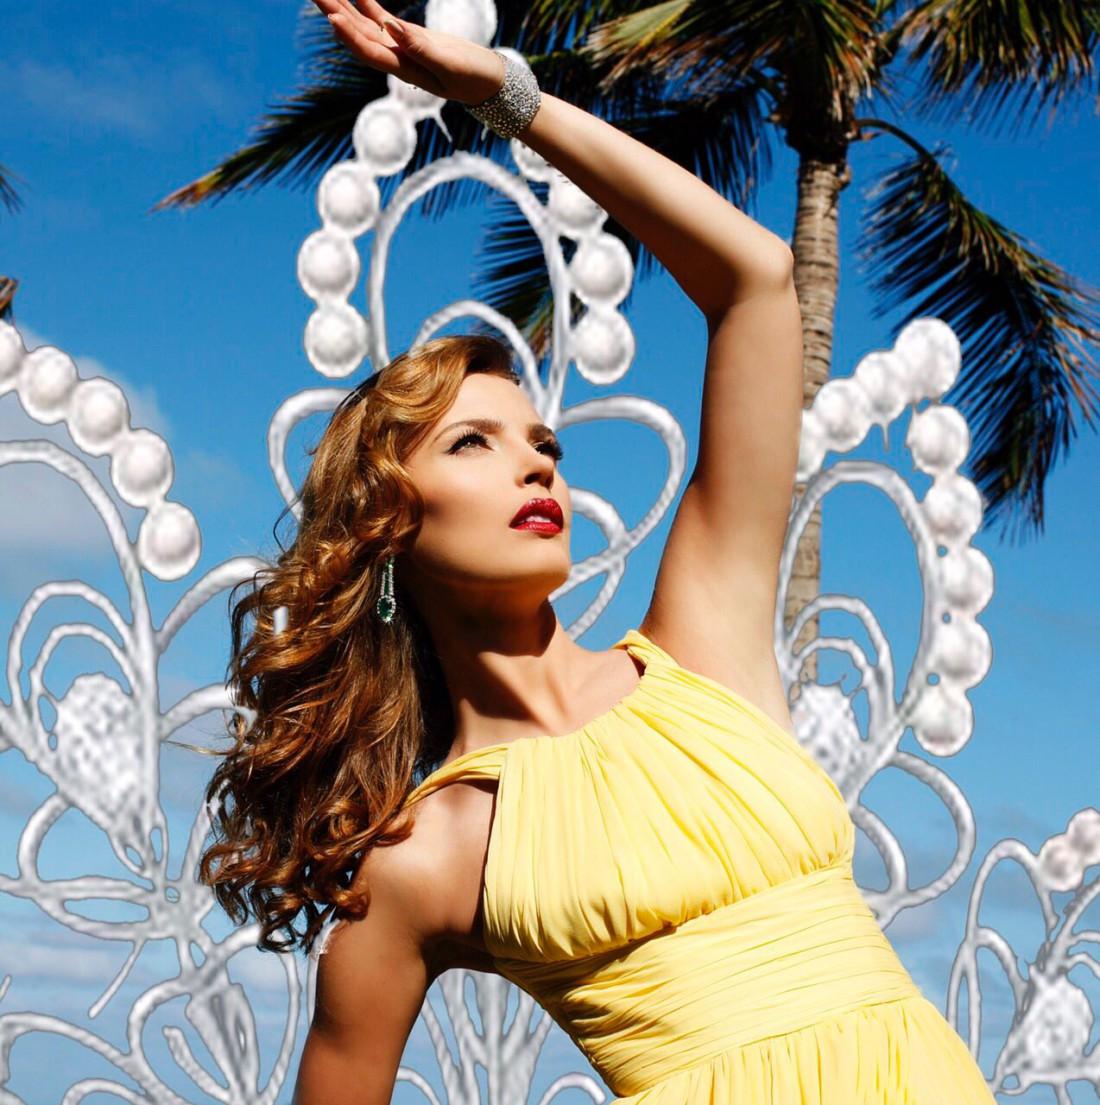 Александра Николаенко-Раффин больше не владелица конкурса Мисс Украина Вселенная